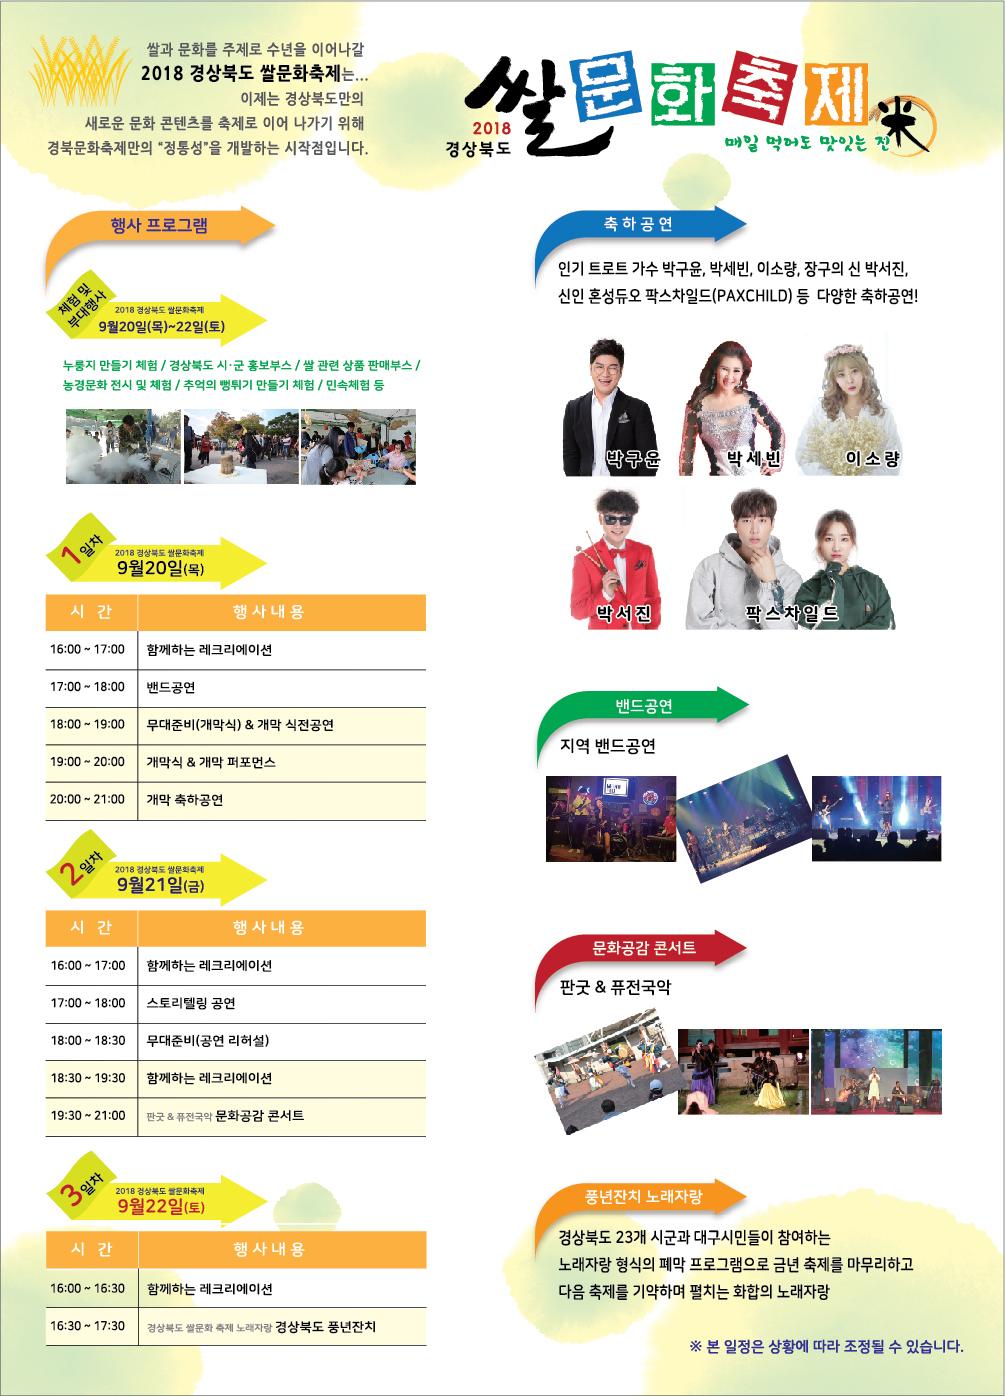 2018_경상북도 쌀문화축제_pop2N.jpg